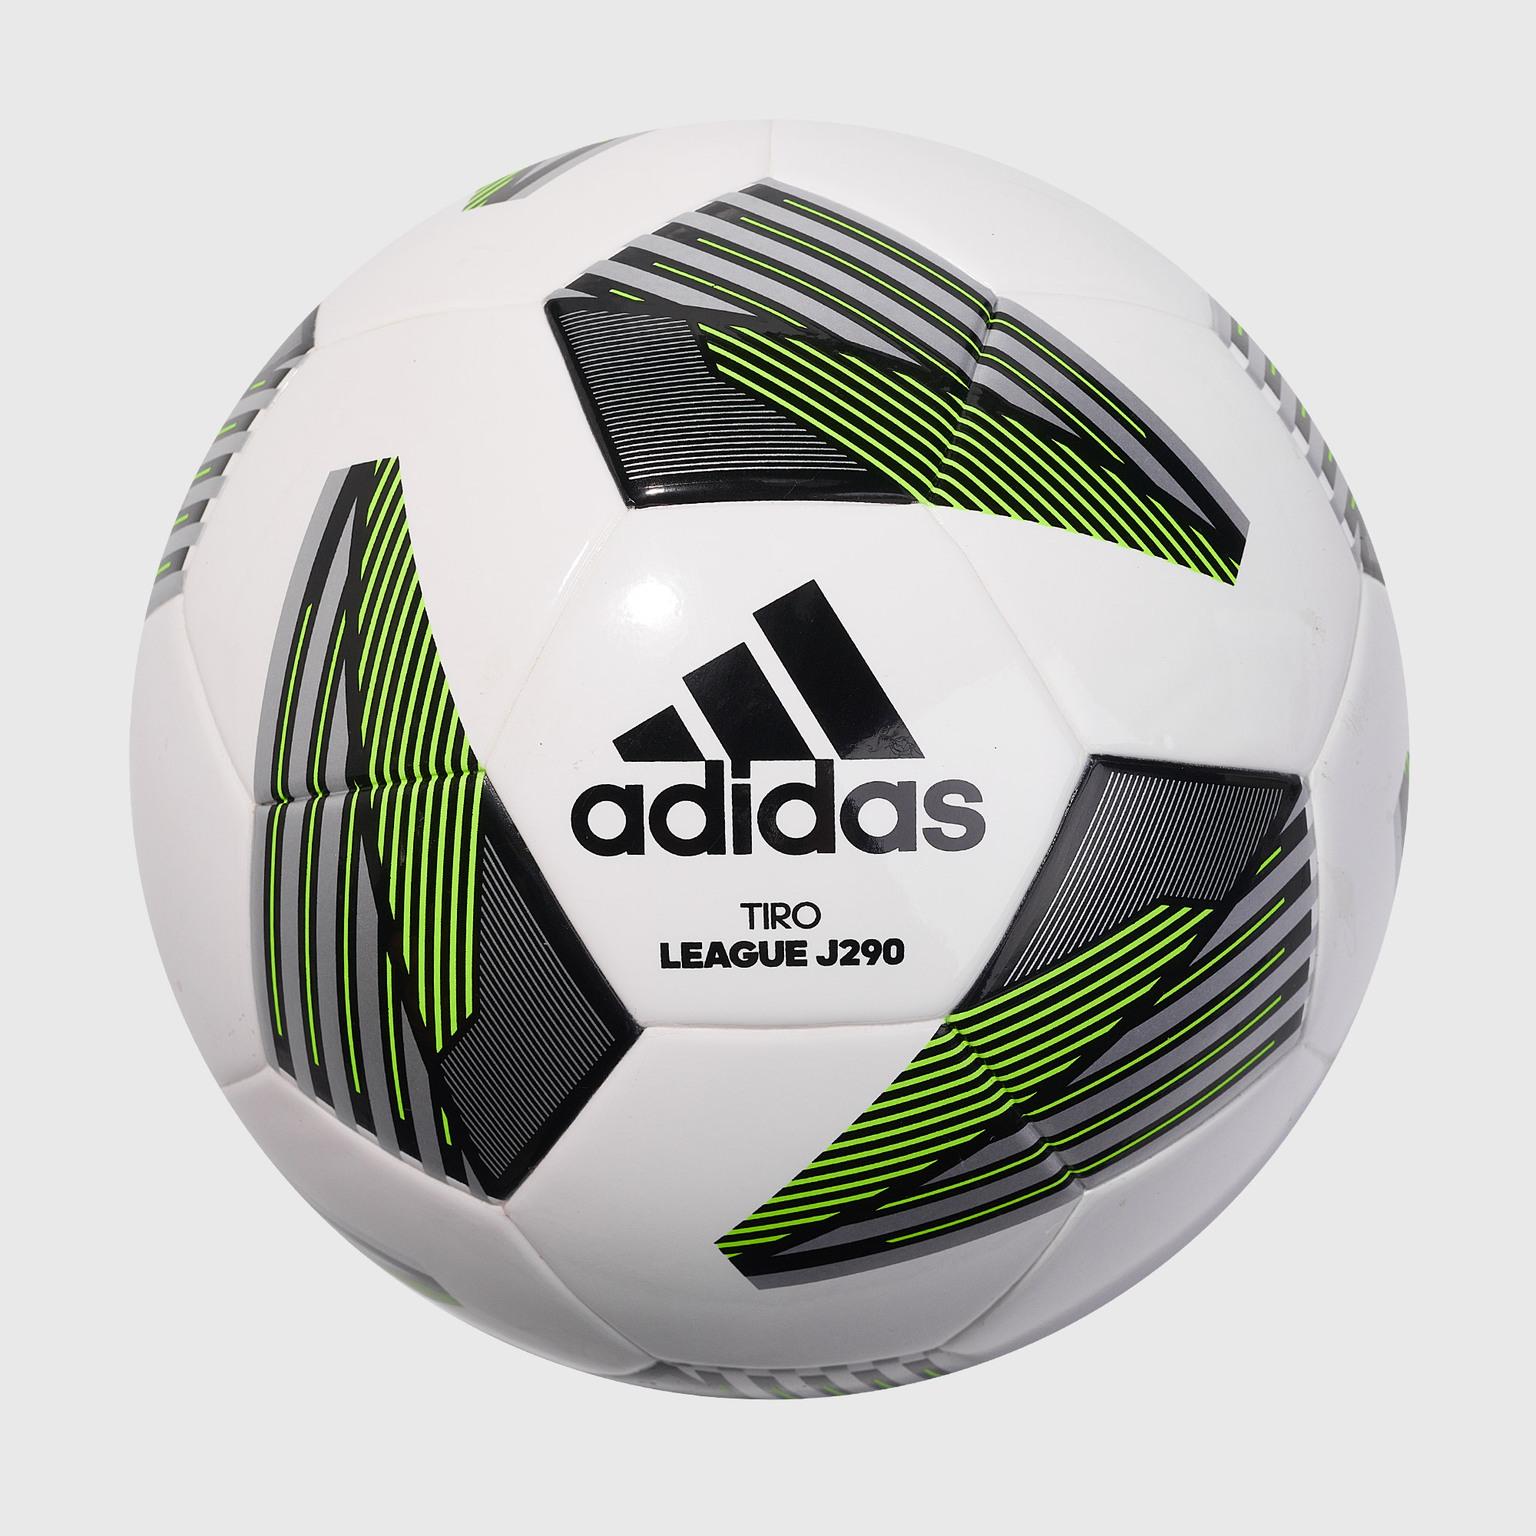 Футбольный мяч Adidas Tiro League J290 FS0371